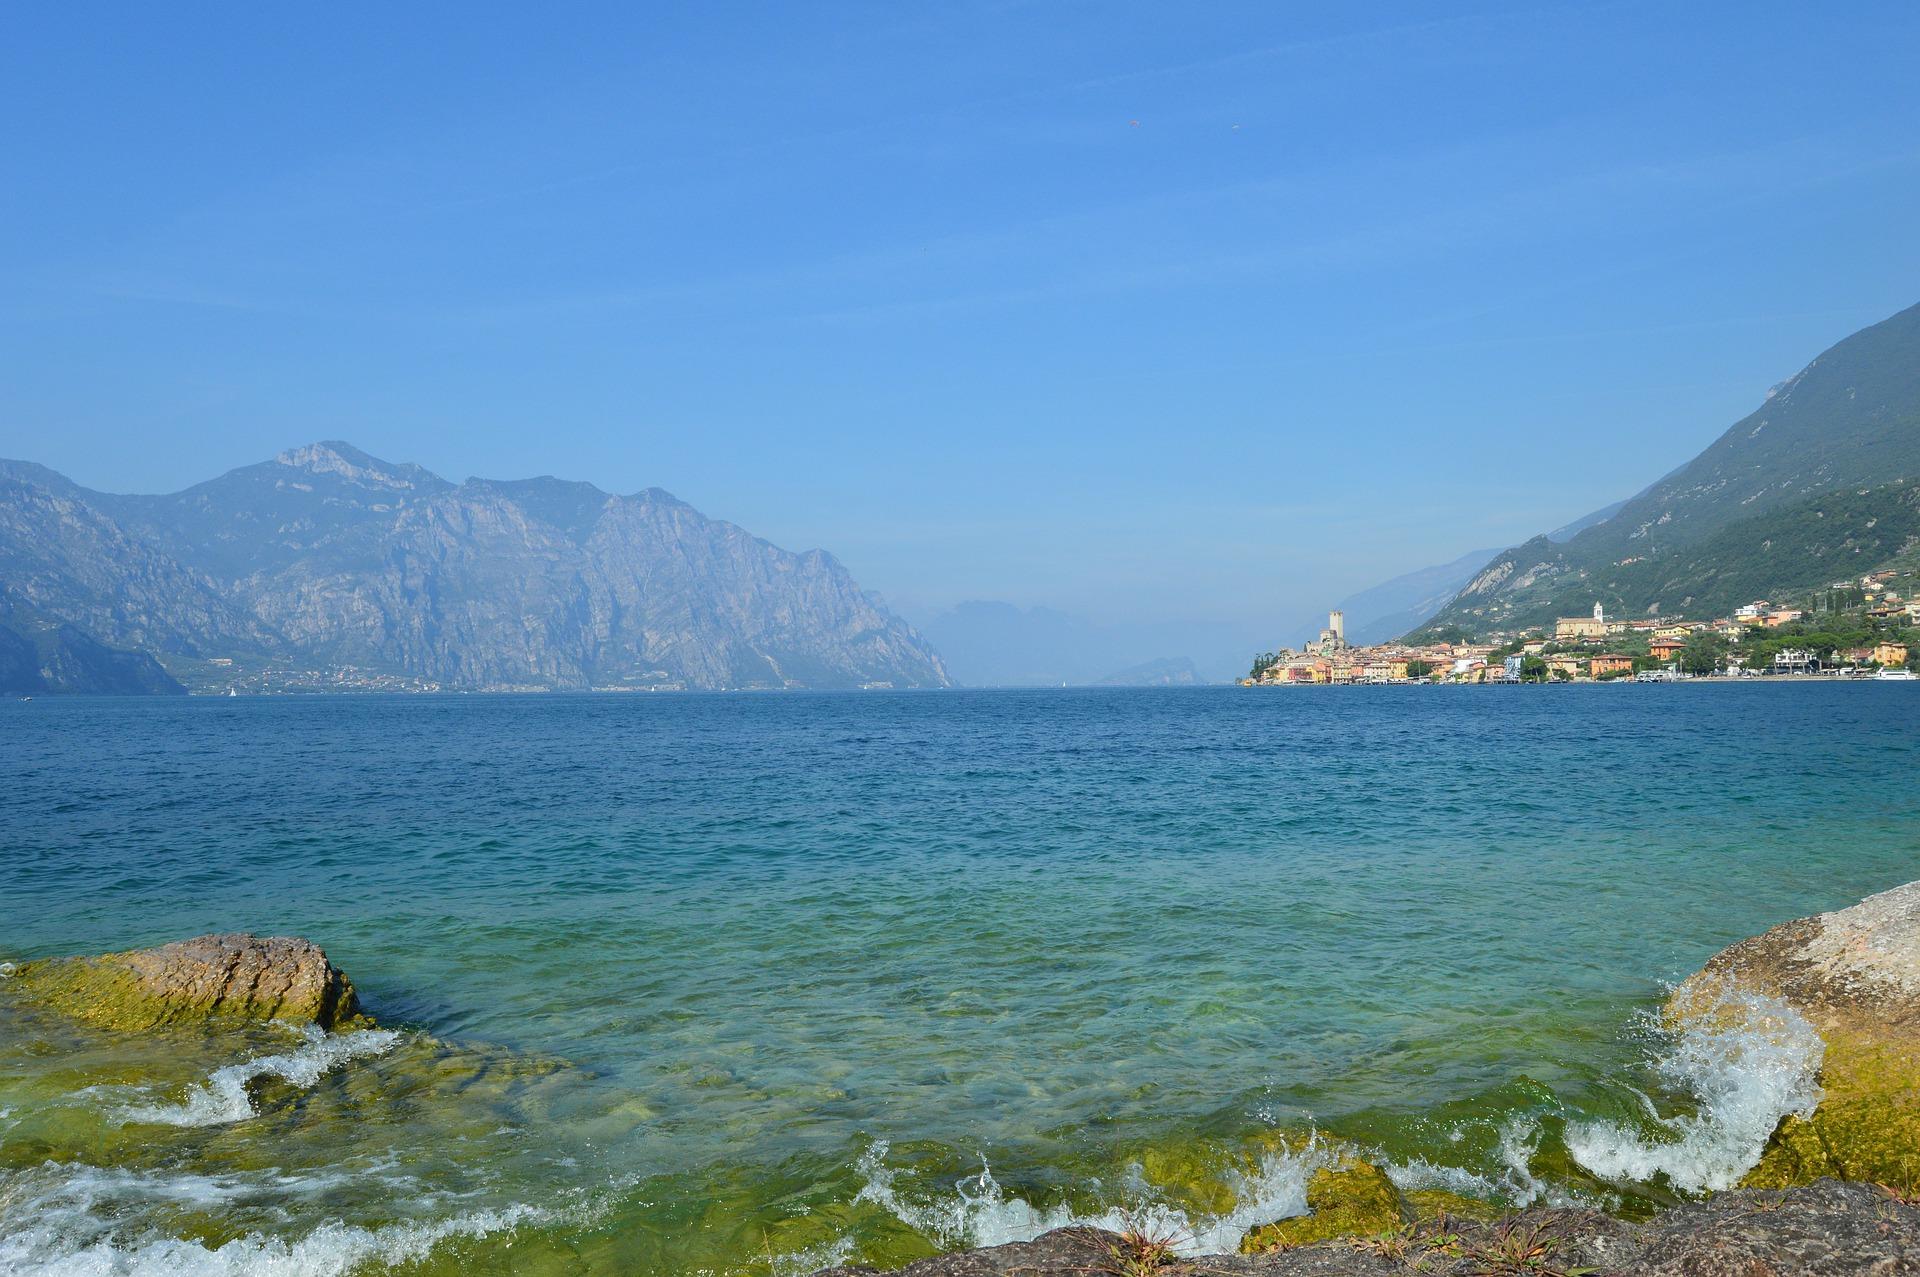 malcesine_spiaggia_con_acqua_trasparente_lago_di_garda.jpg